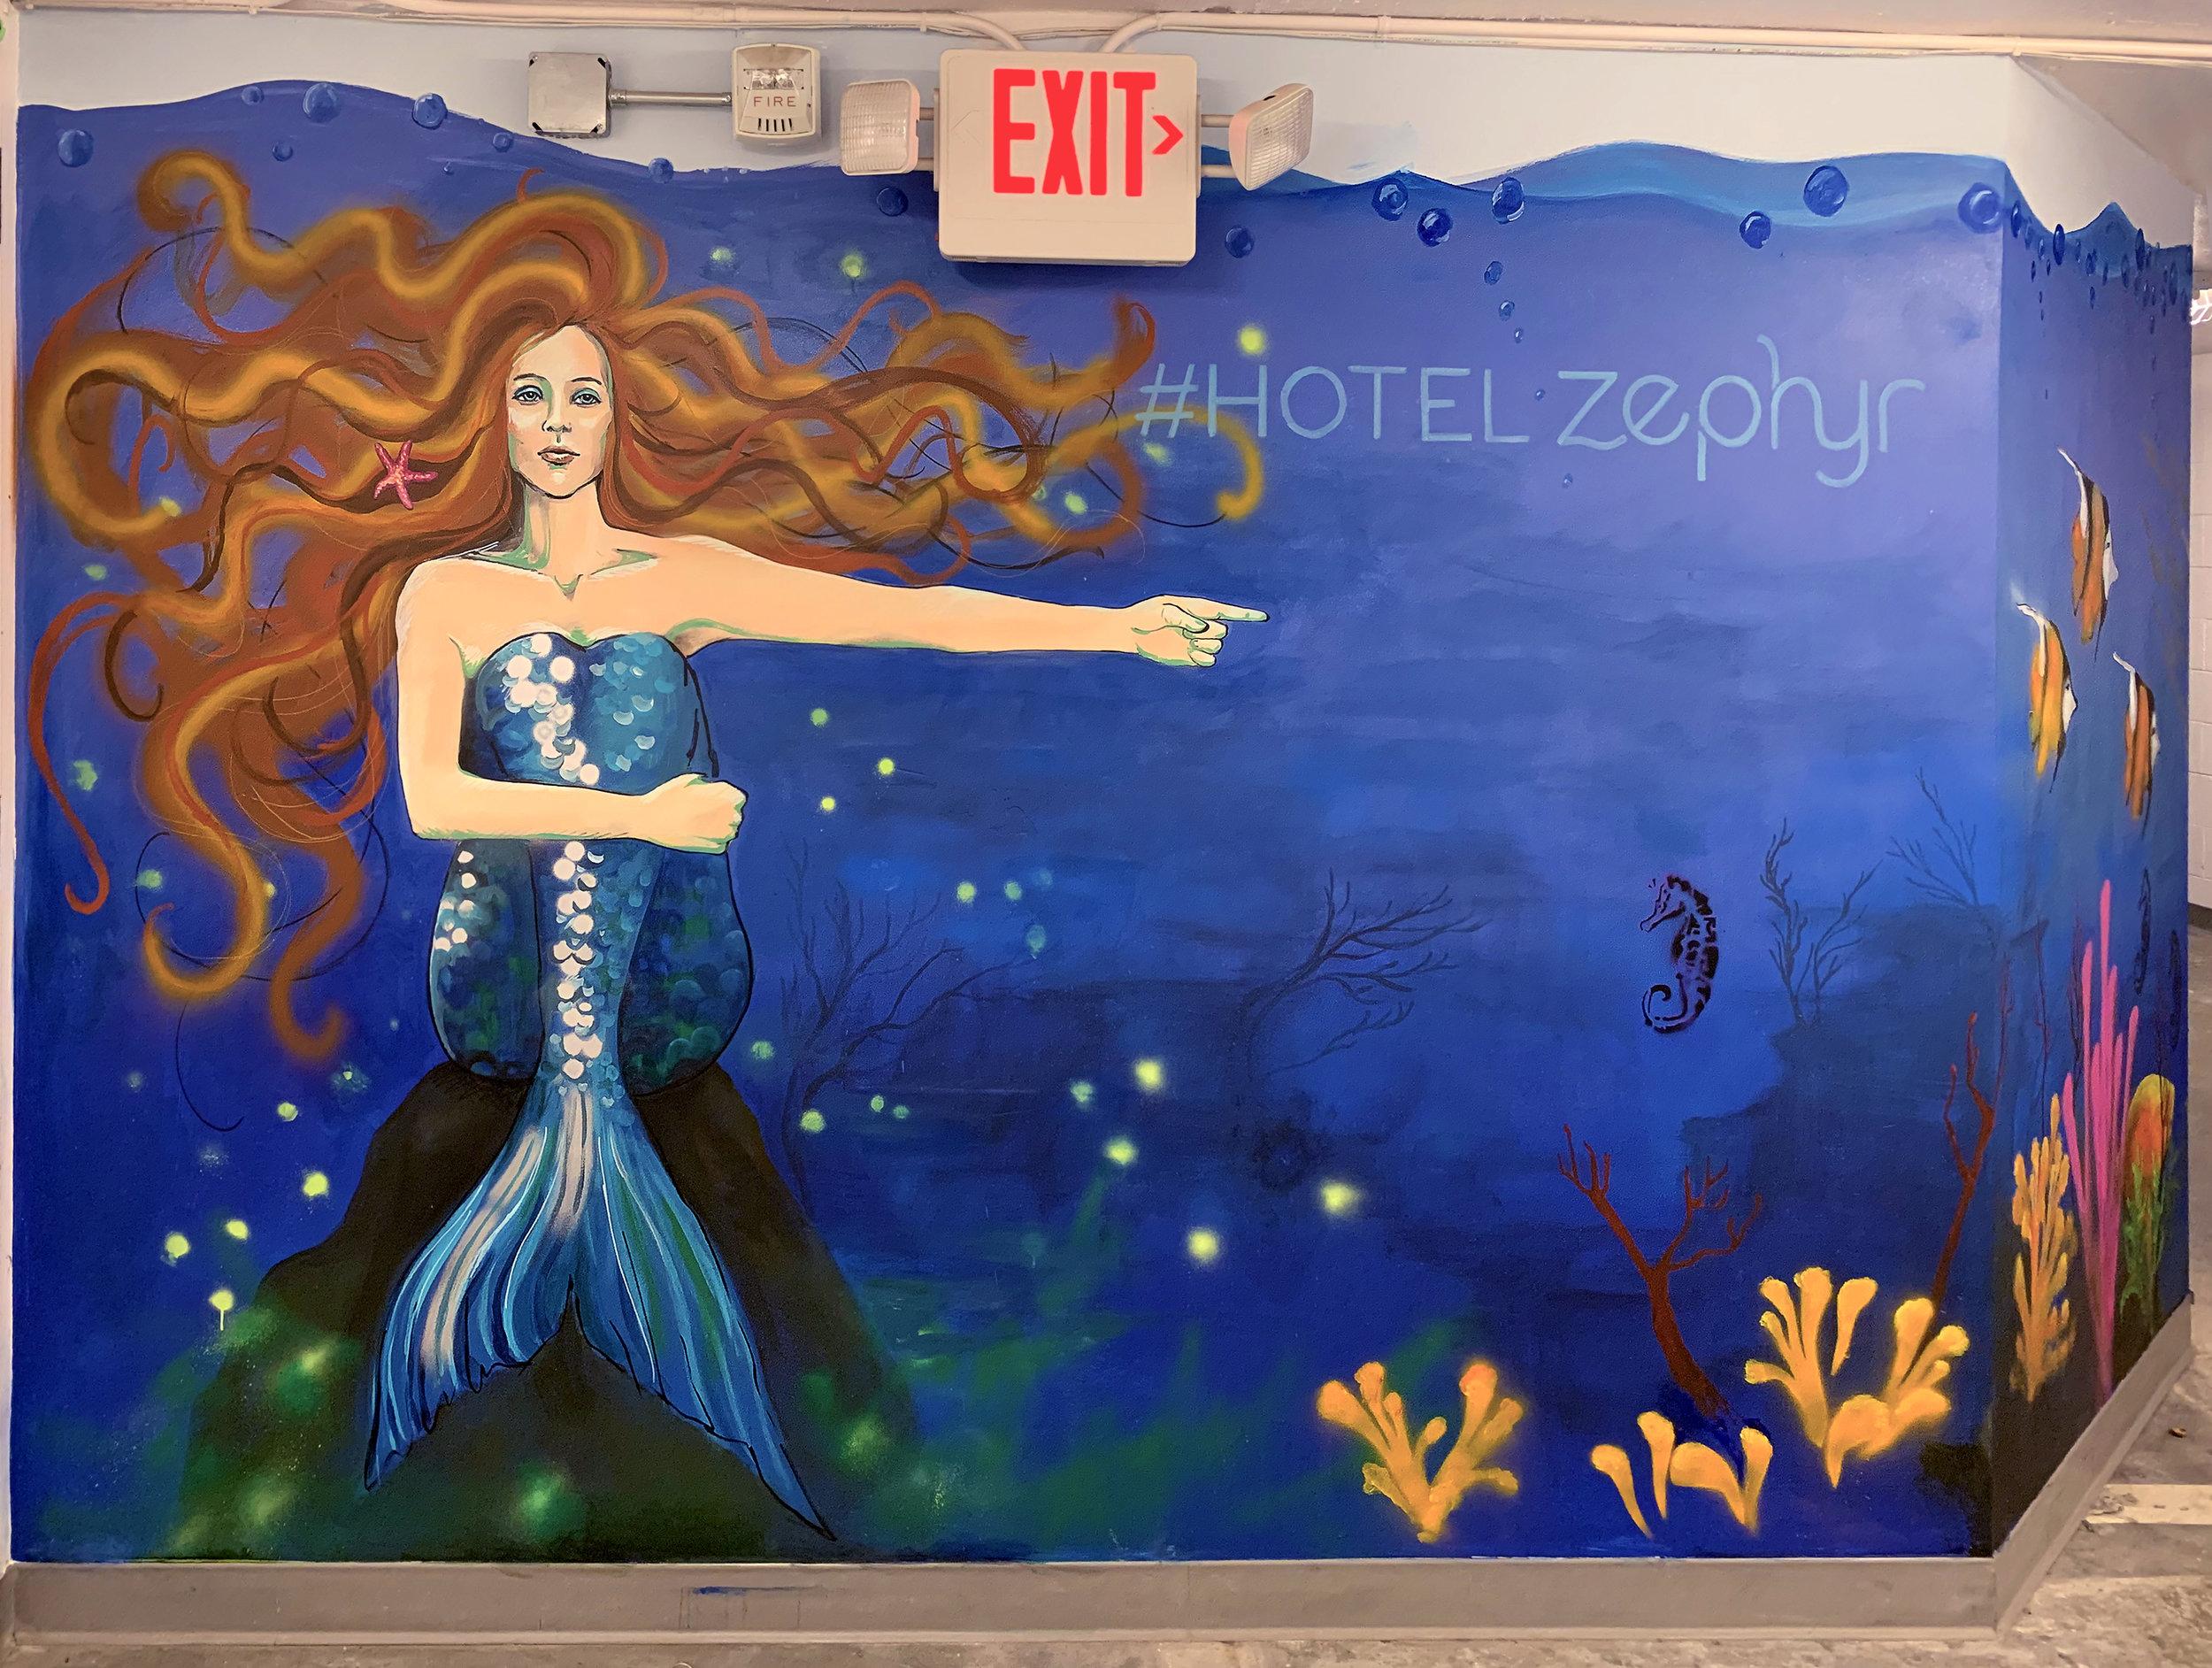 Hotel Zephyr Corridor Mural